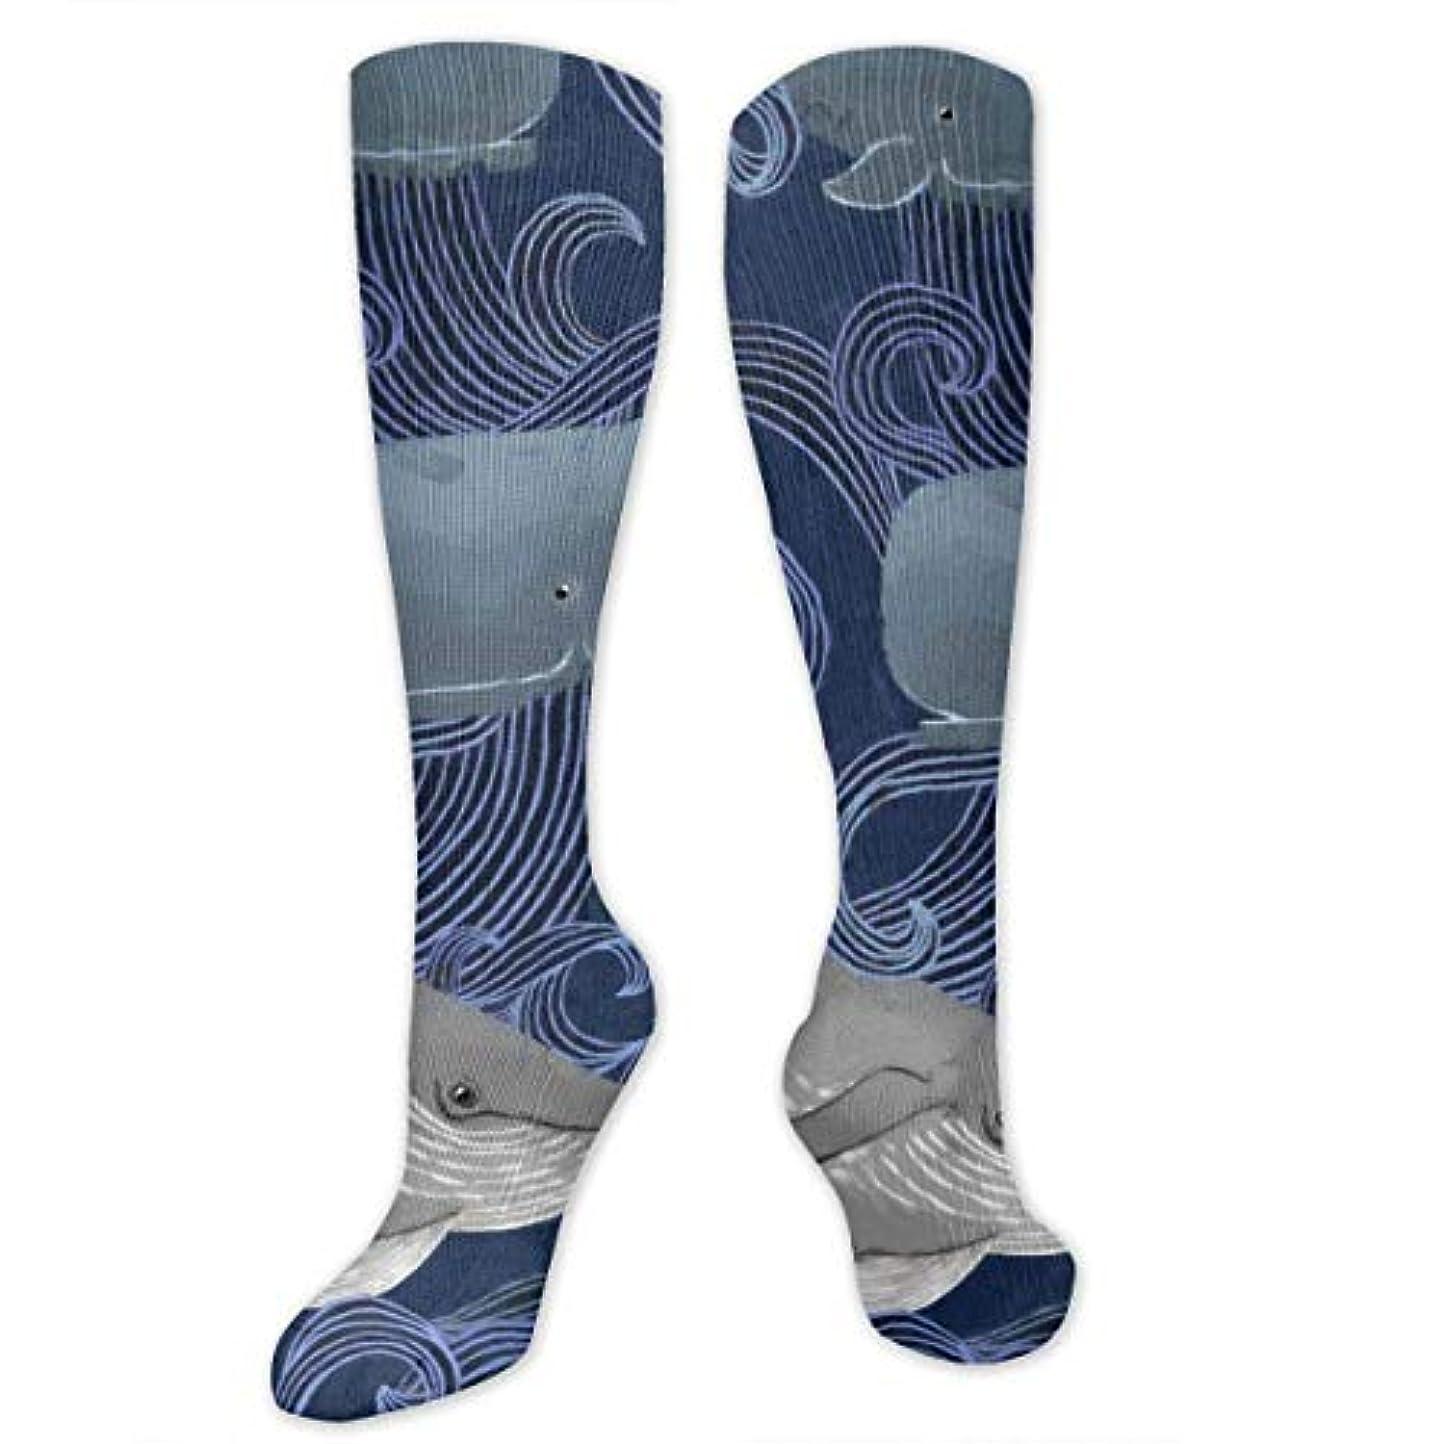 スペクトラム悲しい実際に靴下,ストッキング,野生のジョーカー,実際,秋の本質,冬必須,サマーウェア&RBXAA Whales Beautiful Ocean Socks Women's Winter Cotton Long Tube Socks...